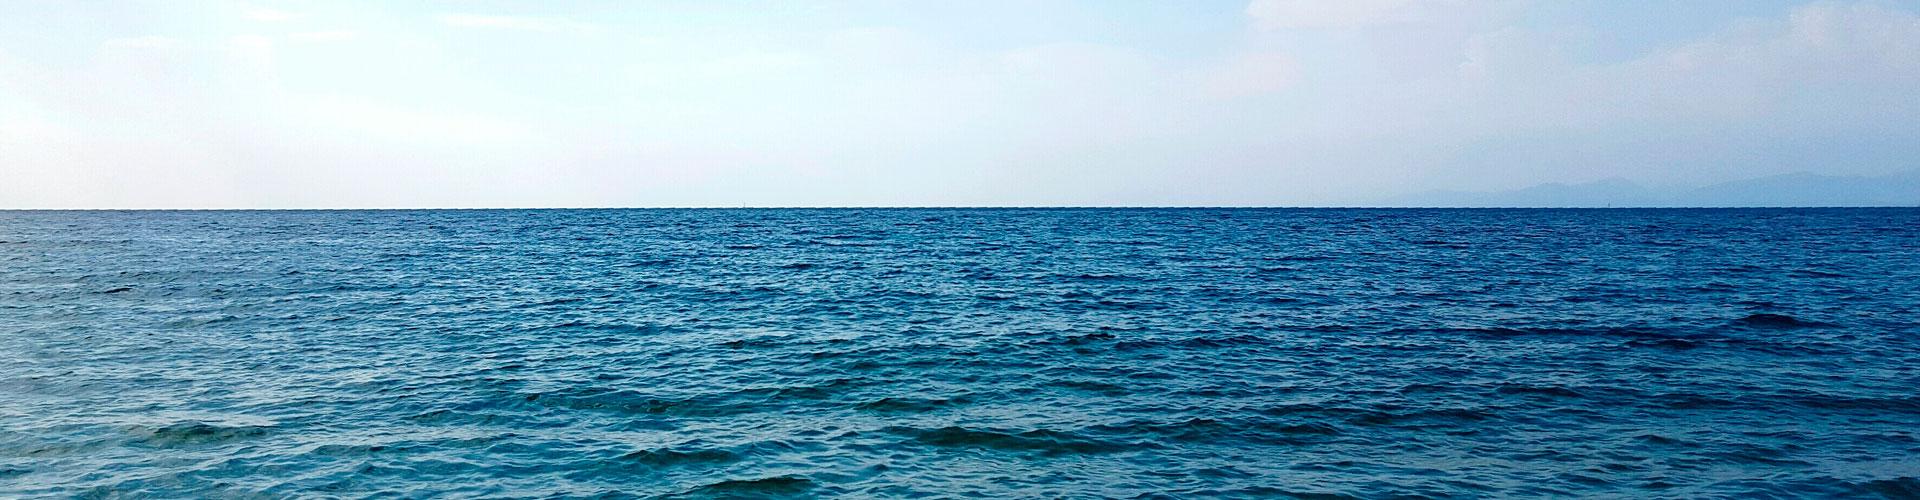 Pêche en Mer à Ténérife